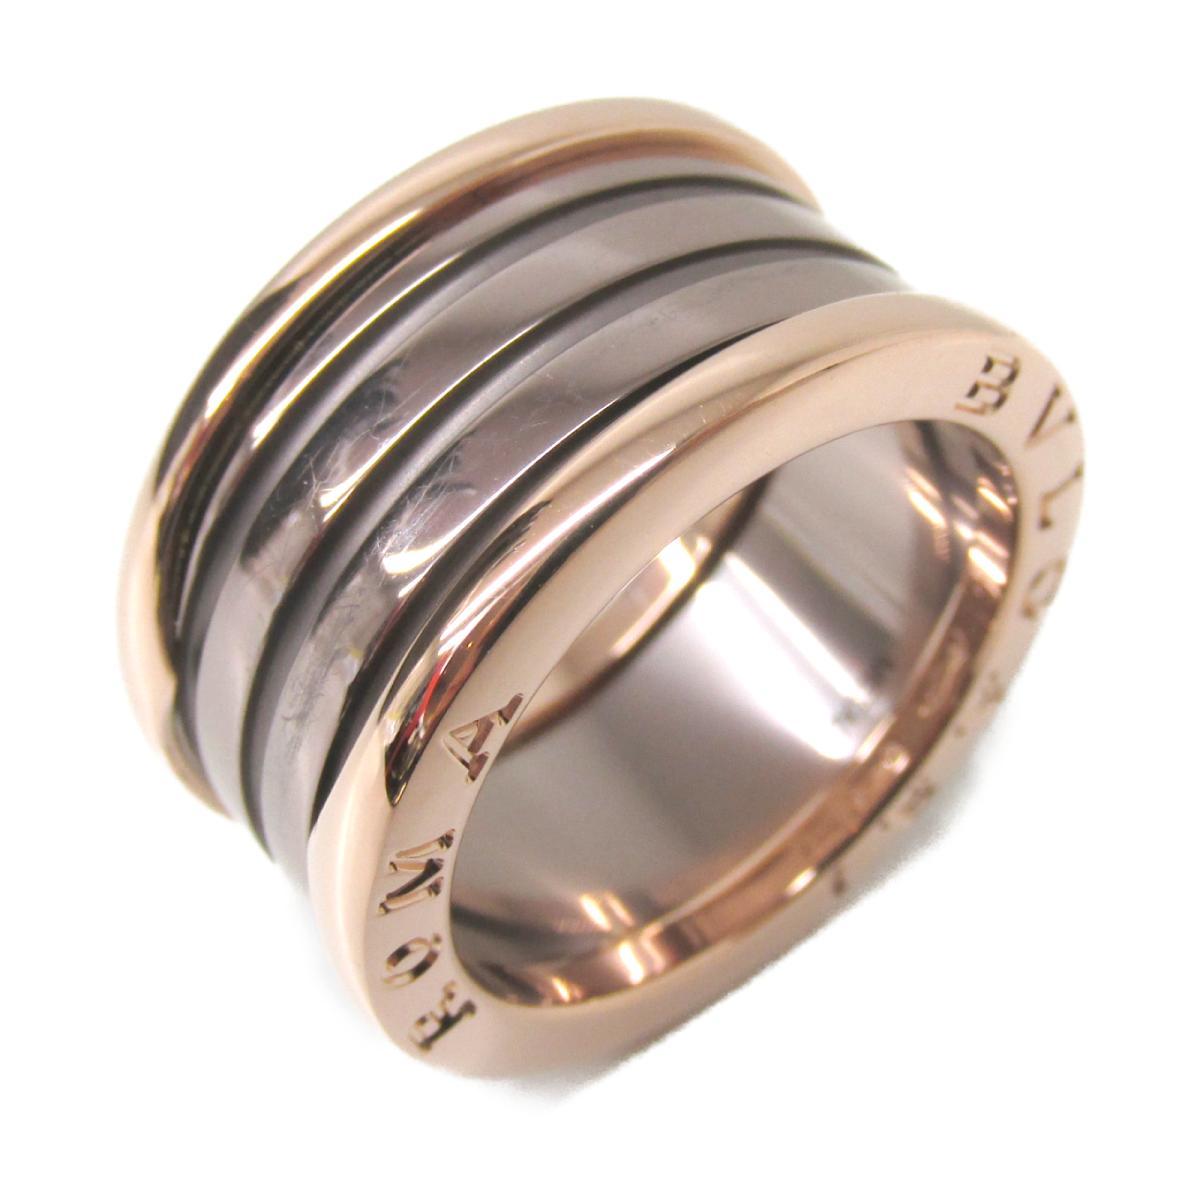 ブルガリ B-zero1 リング Lサイズ 指輪 ブランドジュエリー メンズ レディース K18PG (750) ピンクゴールド x セラミック (349200) 【中古】 | BVLGARI BRANDOFF ブランドオフ ブランド ジュエリー アクセサリー